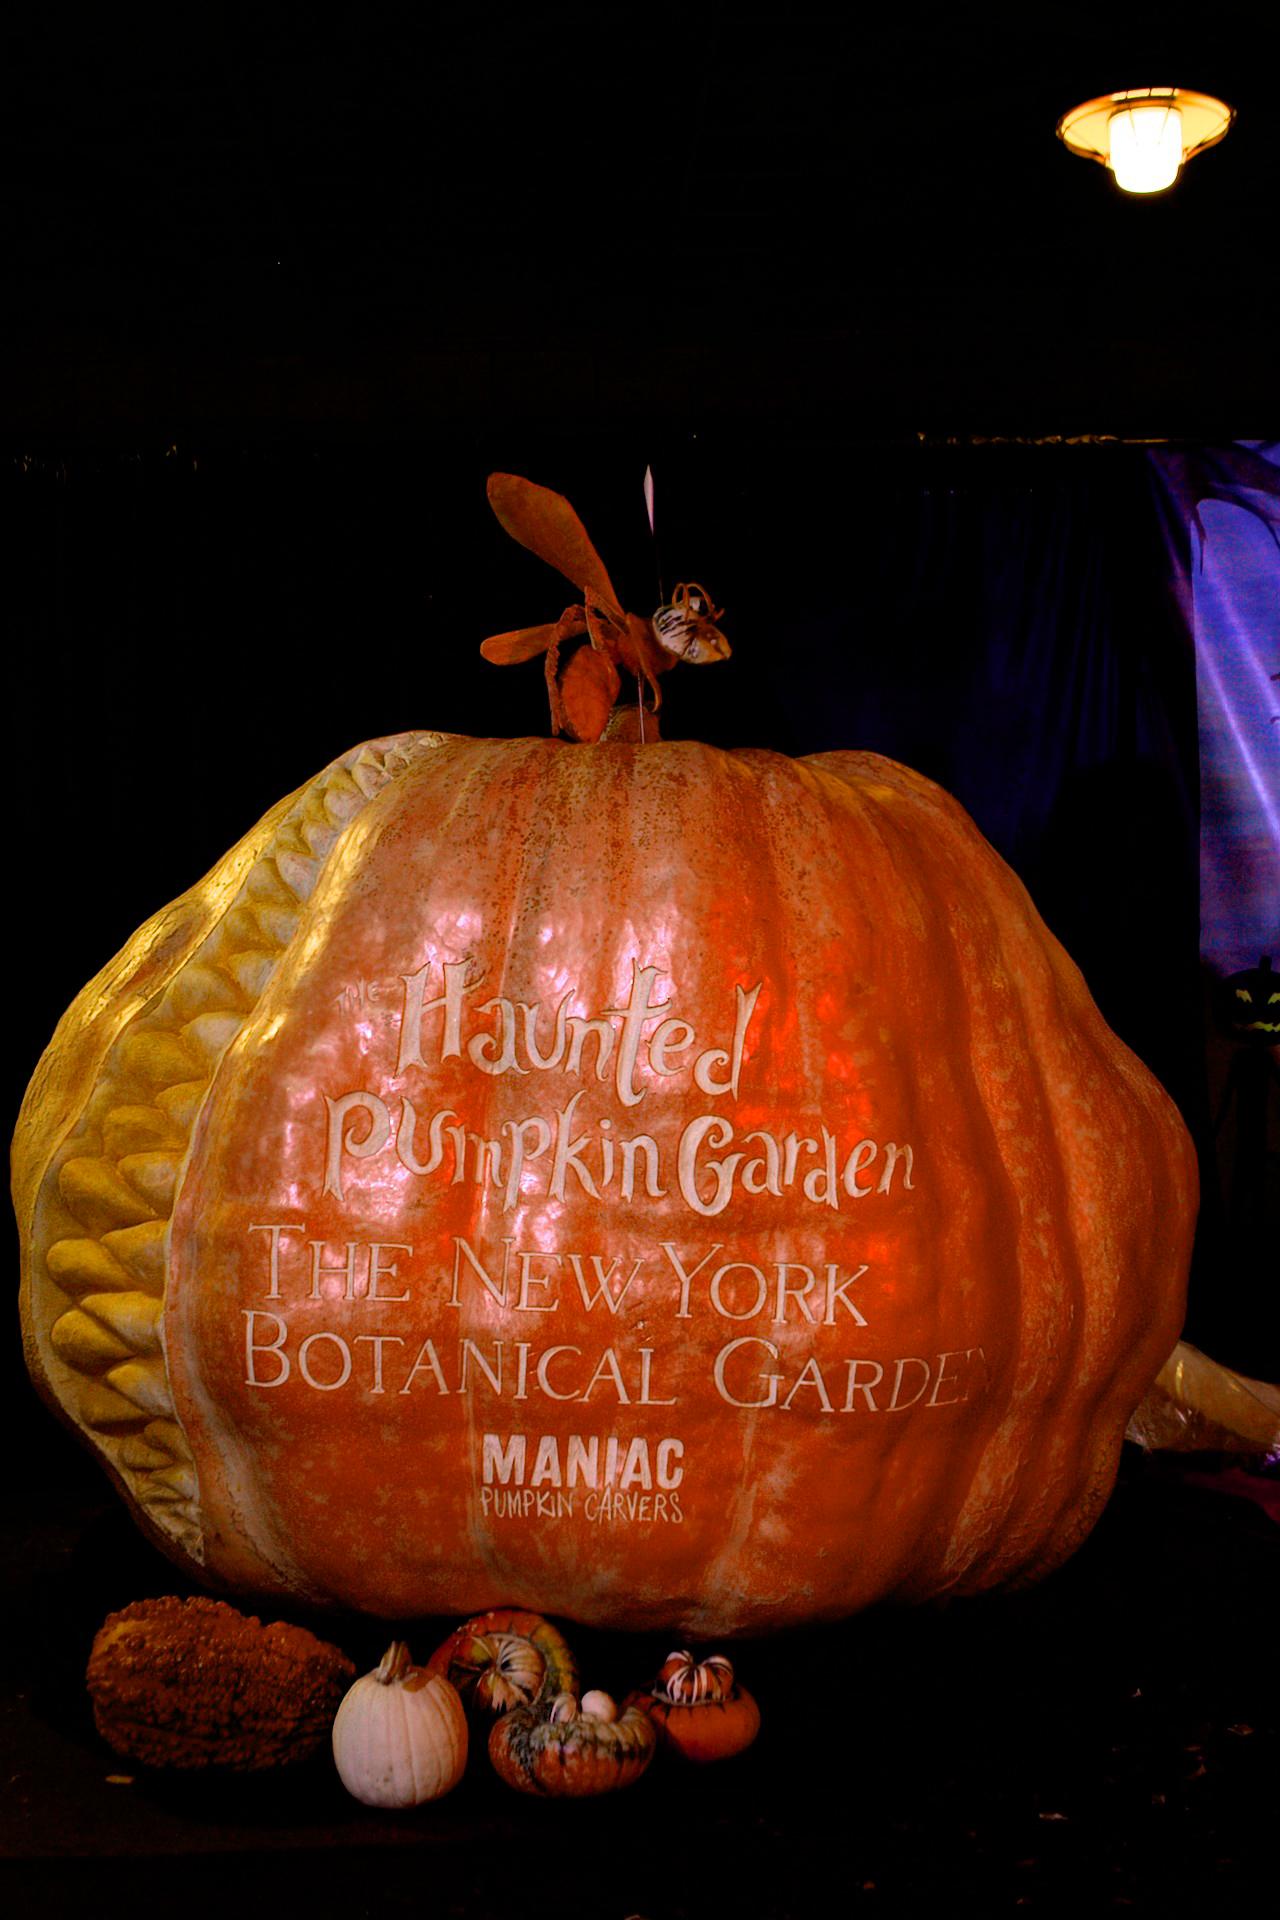 1800 pound pumpkin for New York Botanical Garden